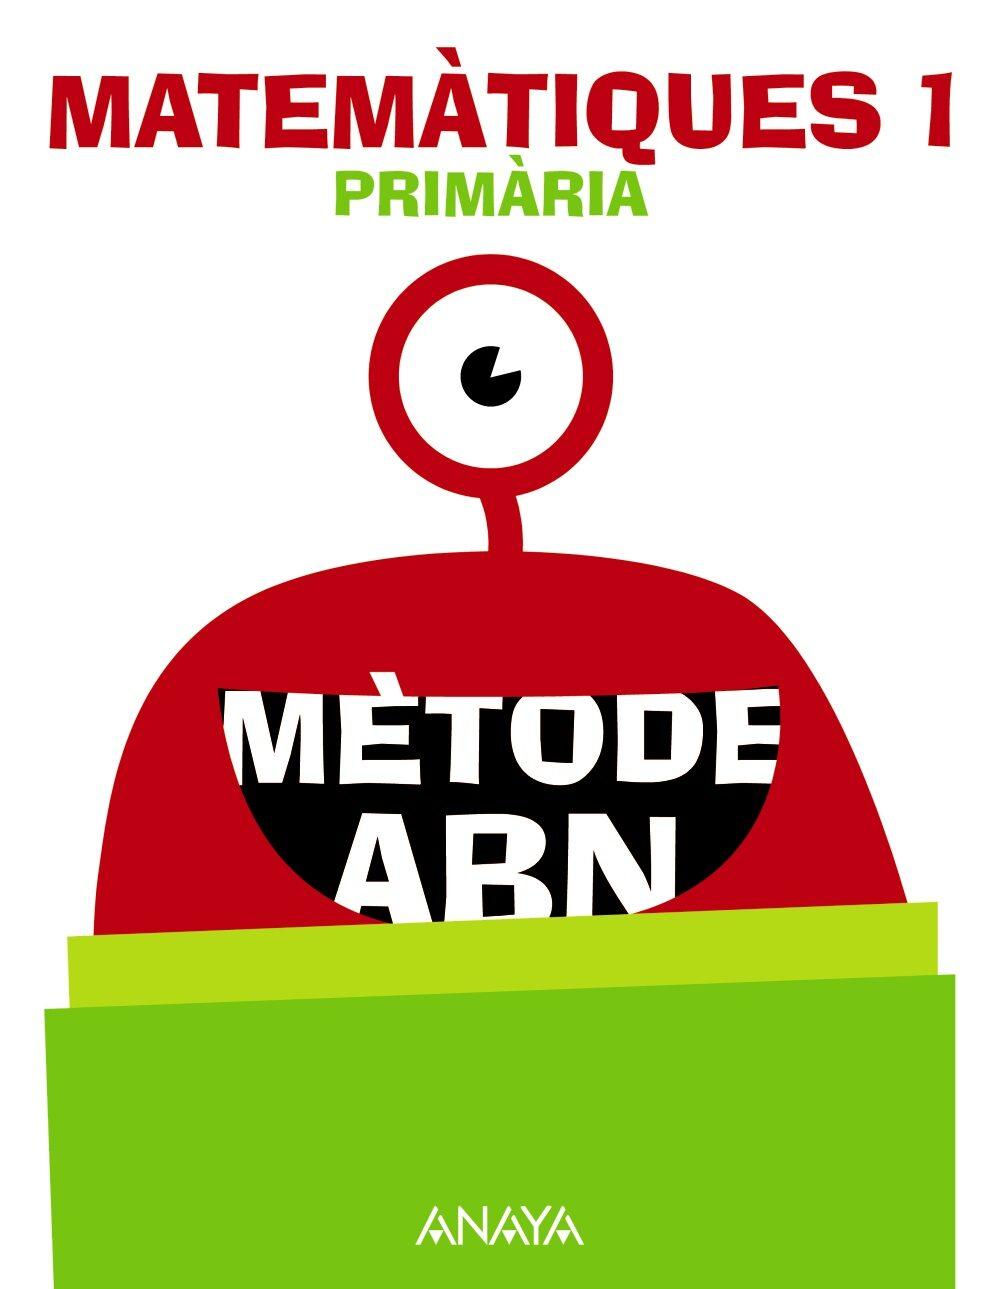 Matemàtiques 1º Educacion Primaria Mètode Abn Valencia Ed 2018 - Vv.aa.